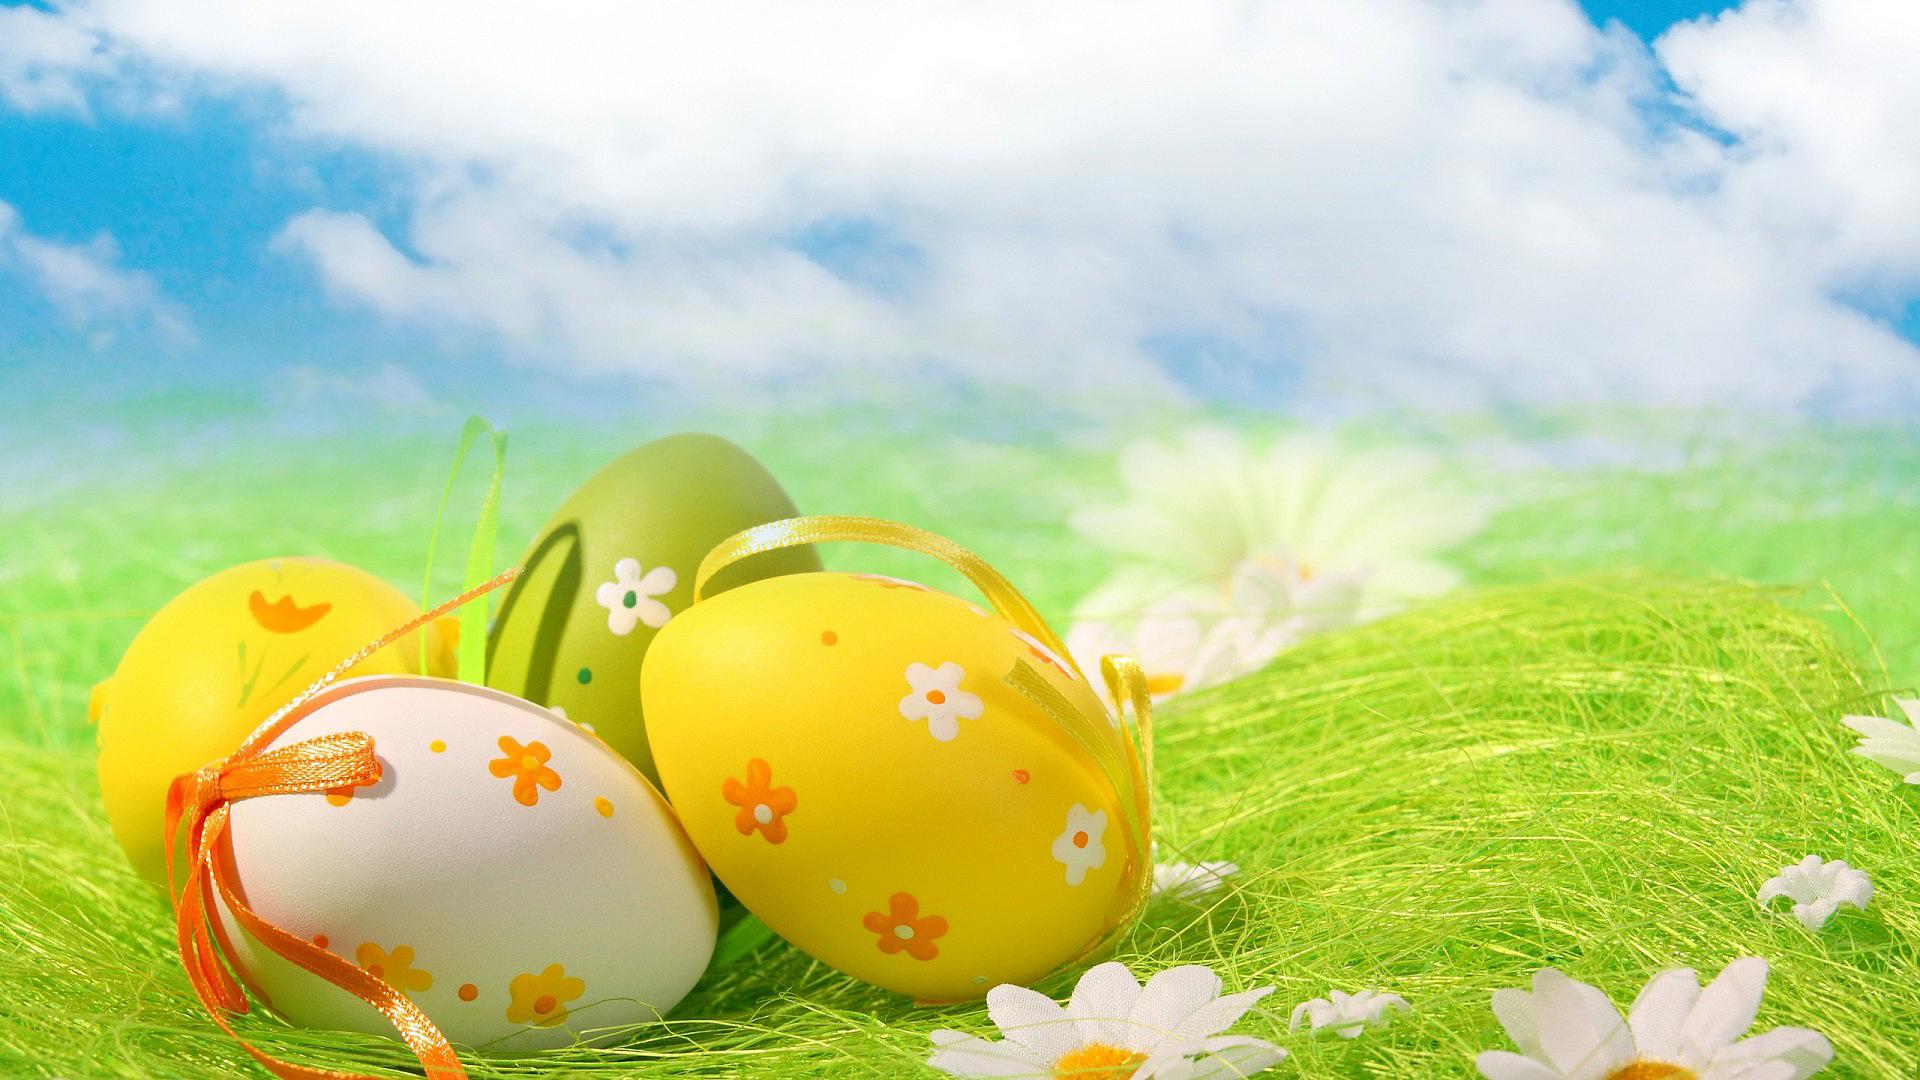 Пасха, яйца, пасхальные обои HD